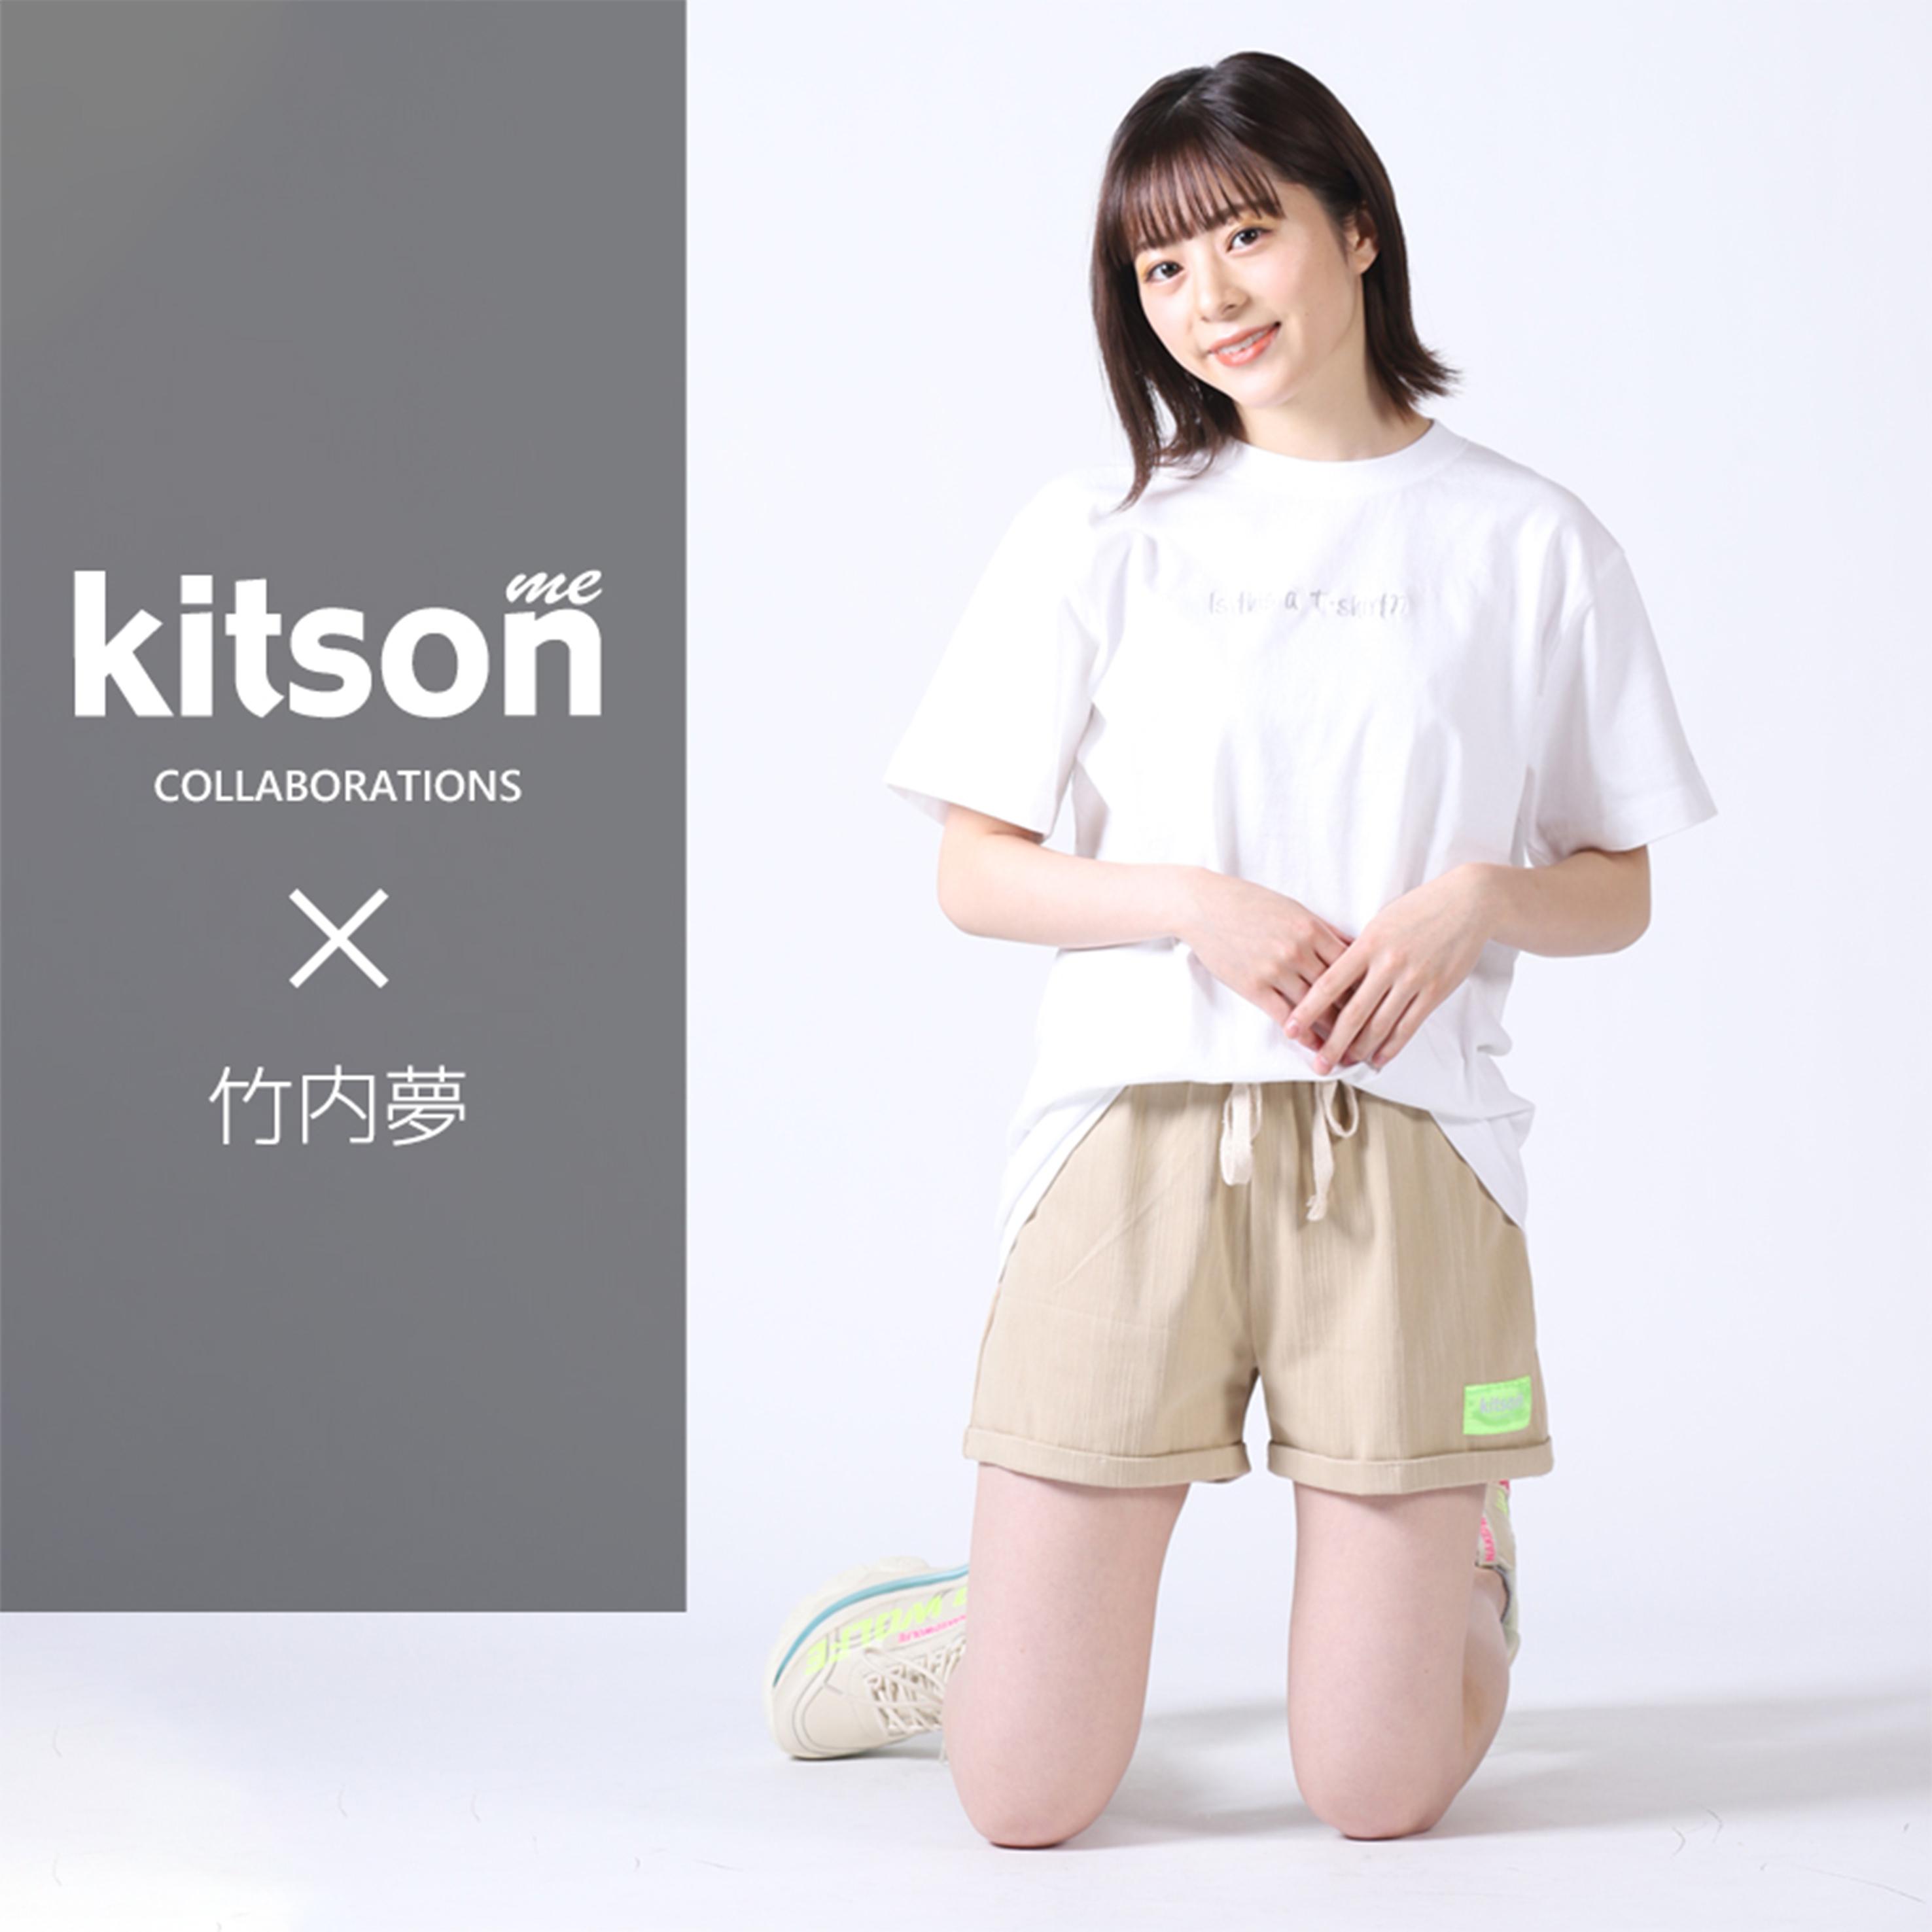 竹内夢×Kitson me 半袖Tシャツ